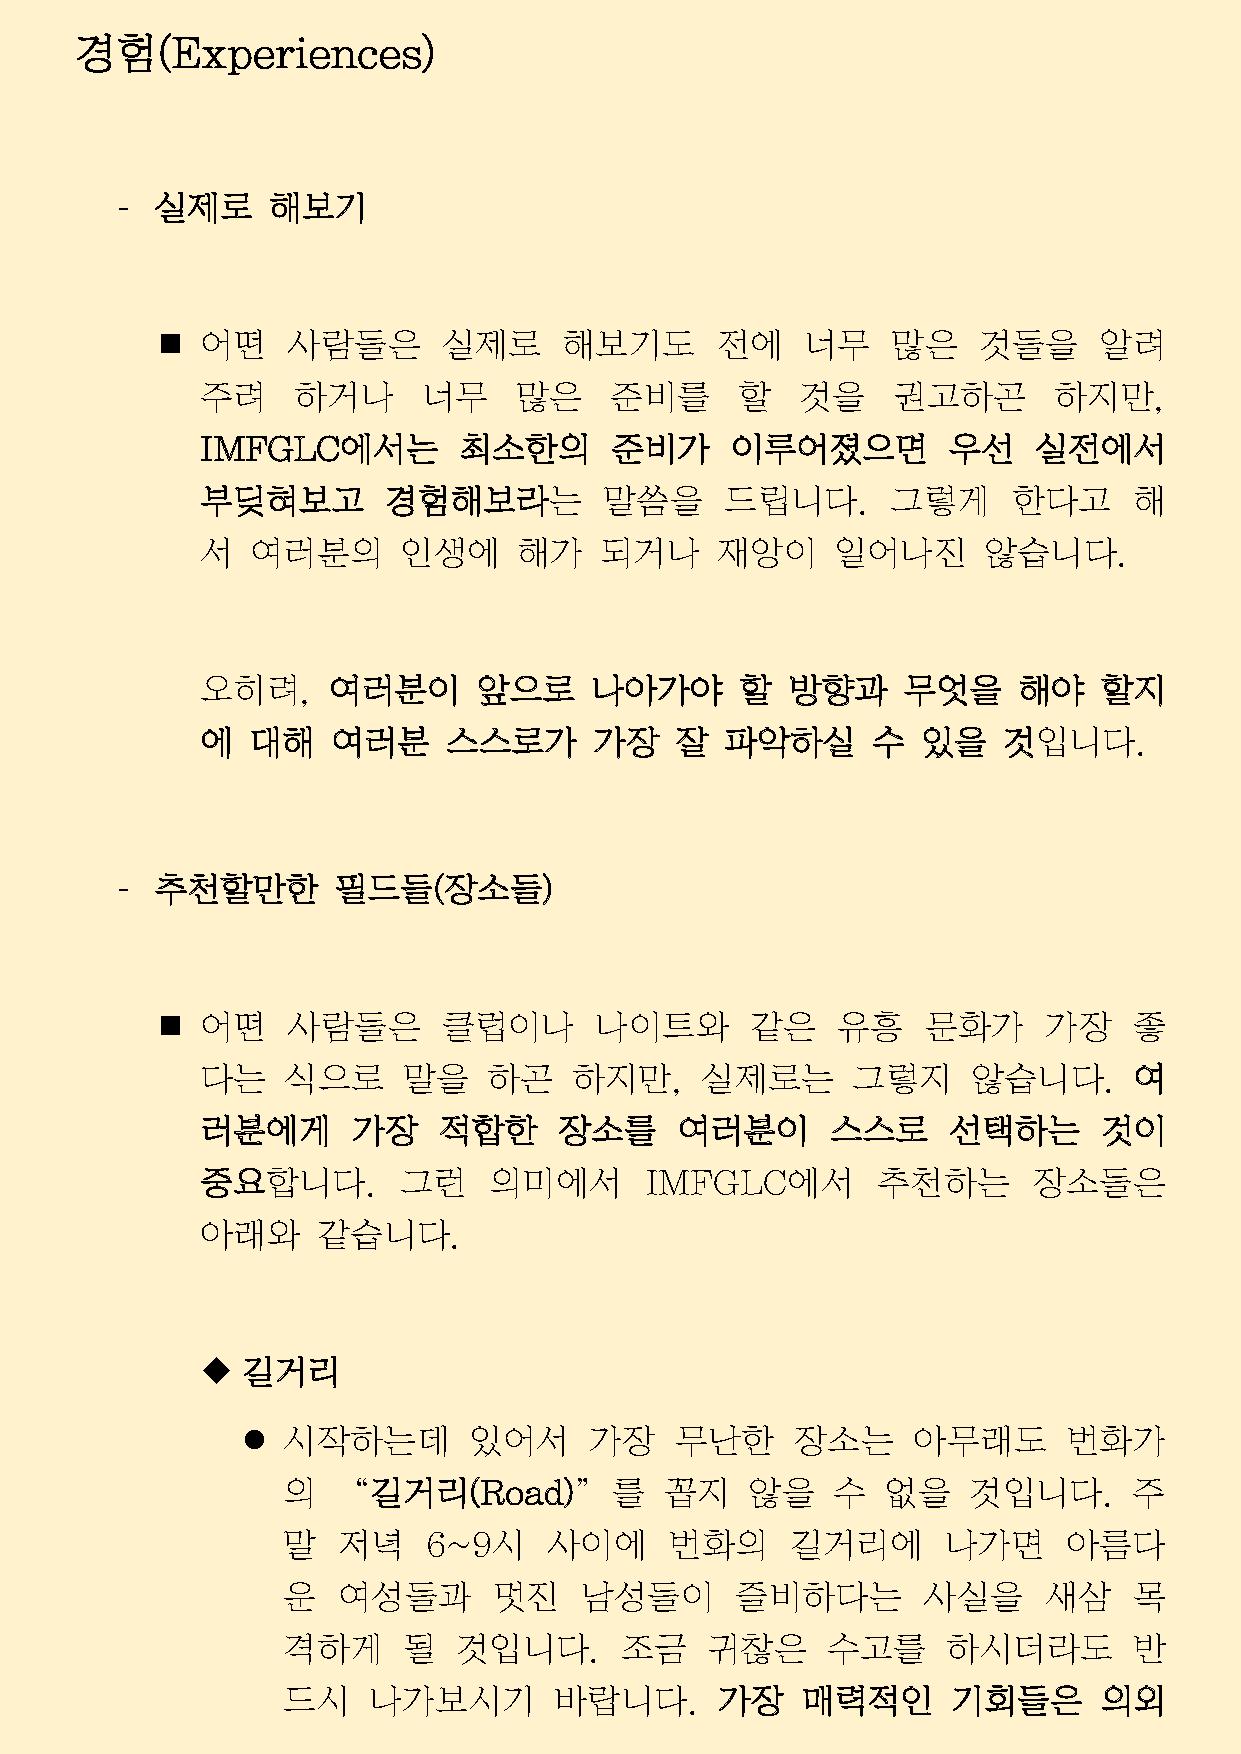 이용매뉴얼_Page_03.png